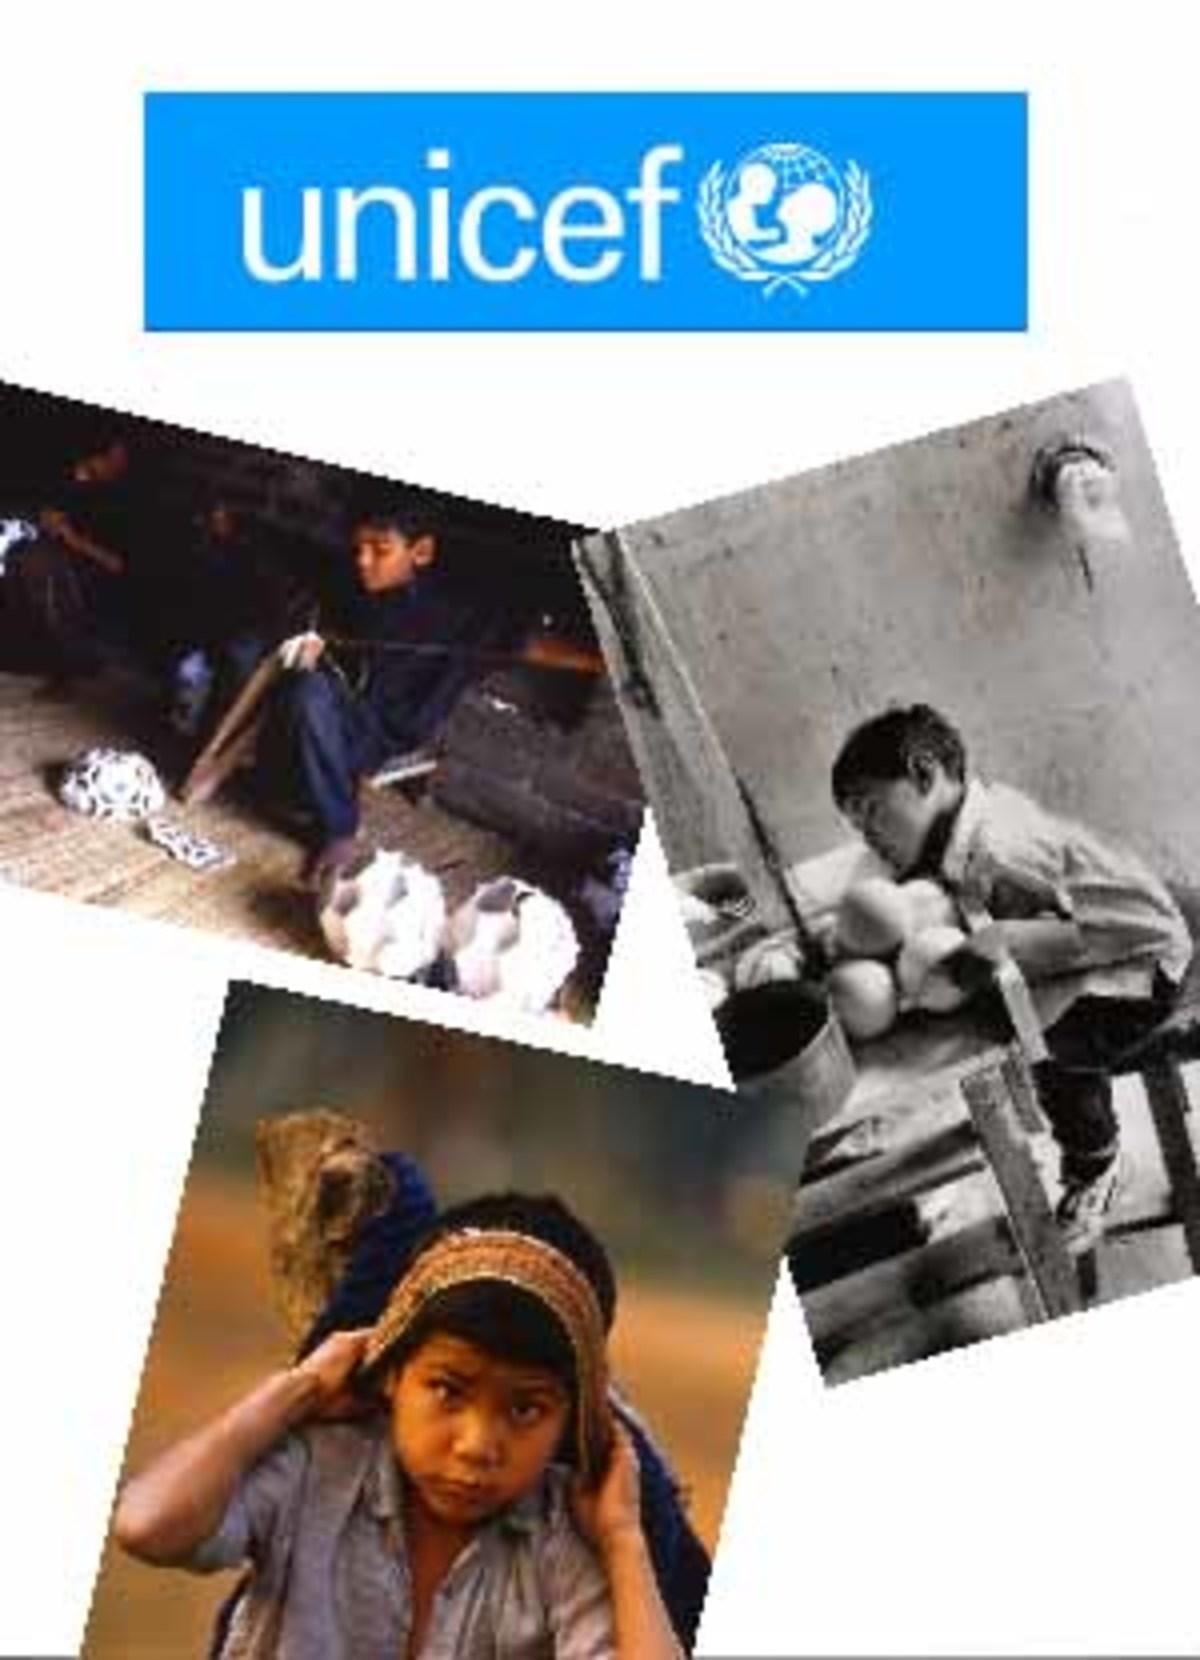 ΠΟΥ και UNICEF κατά της πνευμονίας   Newsit.gr